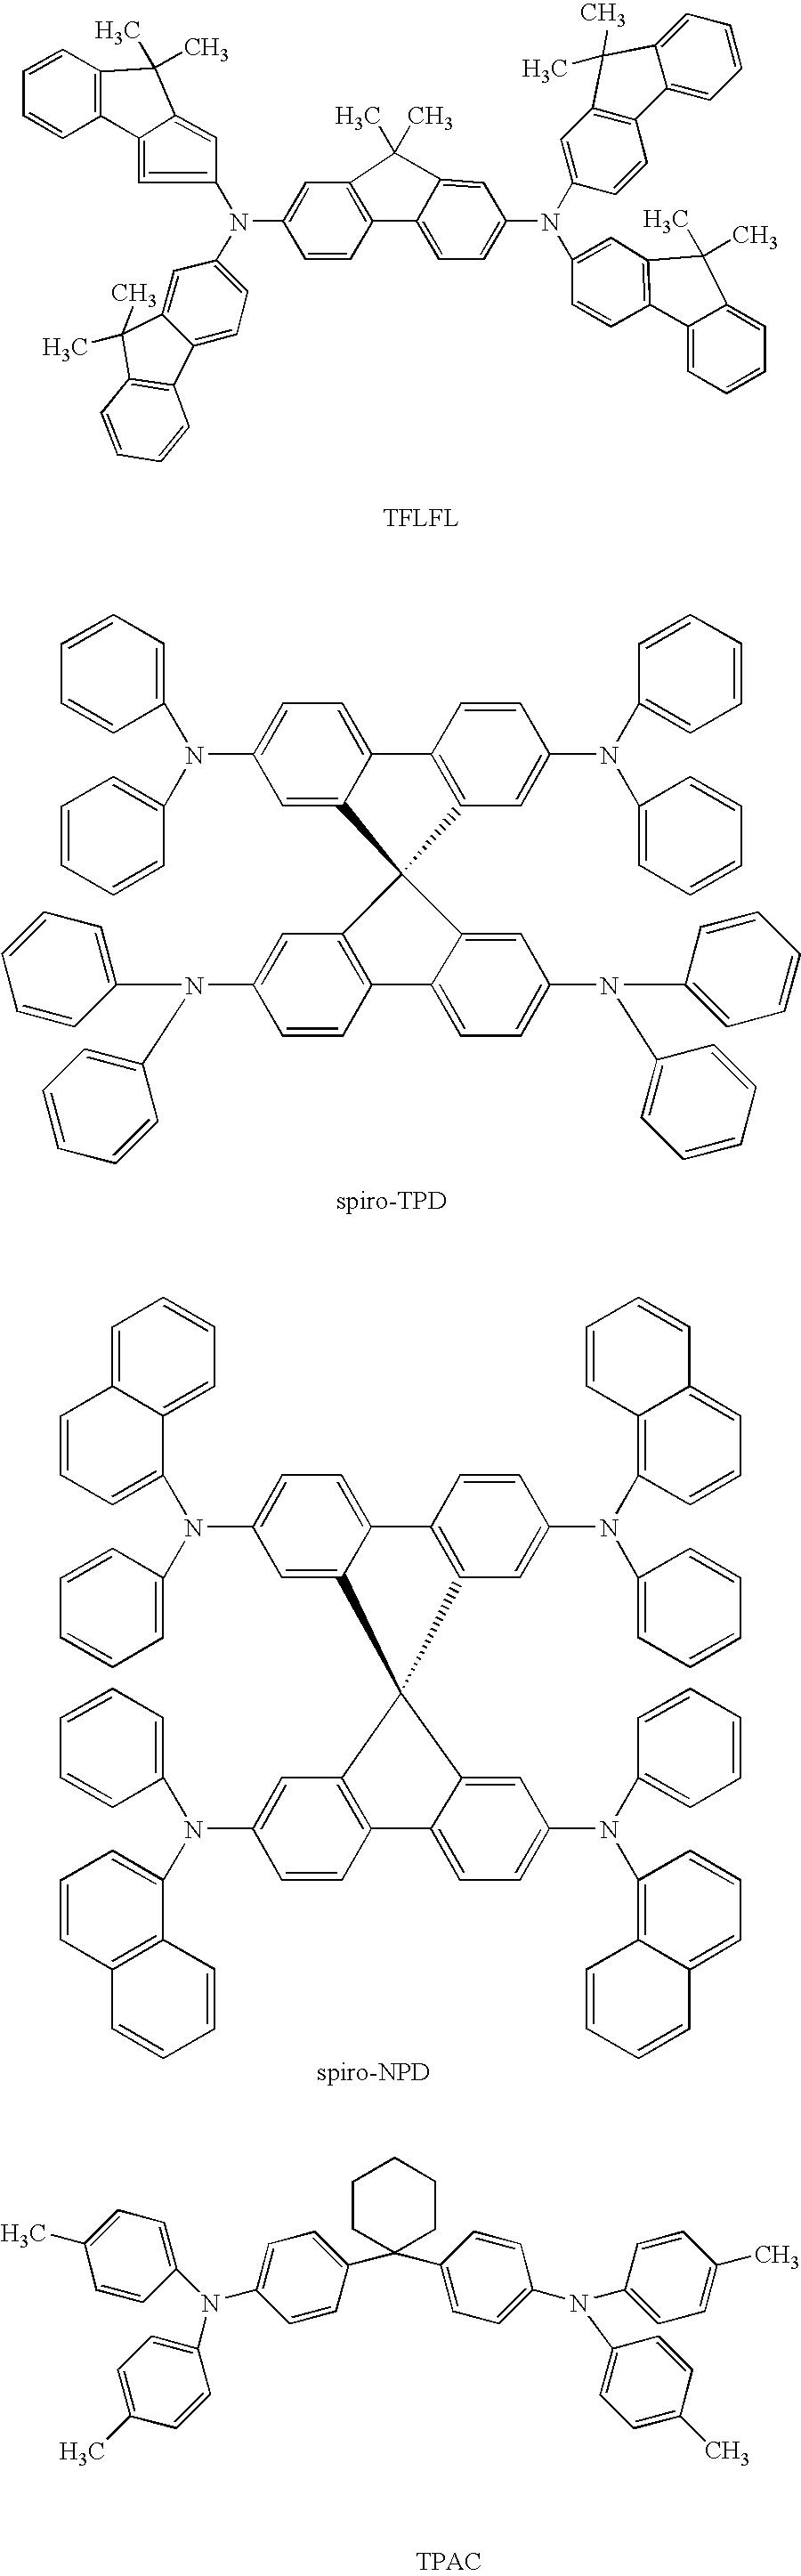 Figure US07173131-20070206-C00017